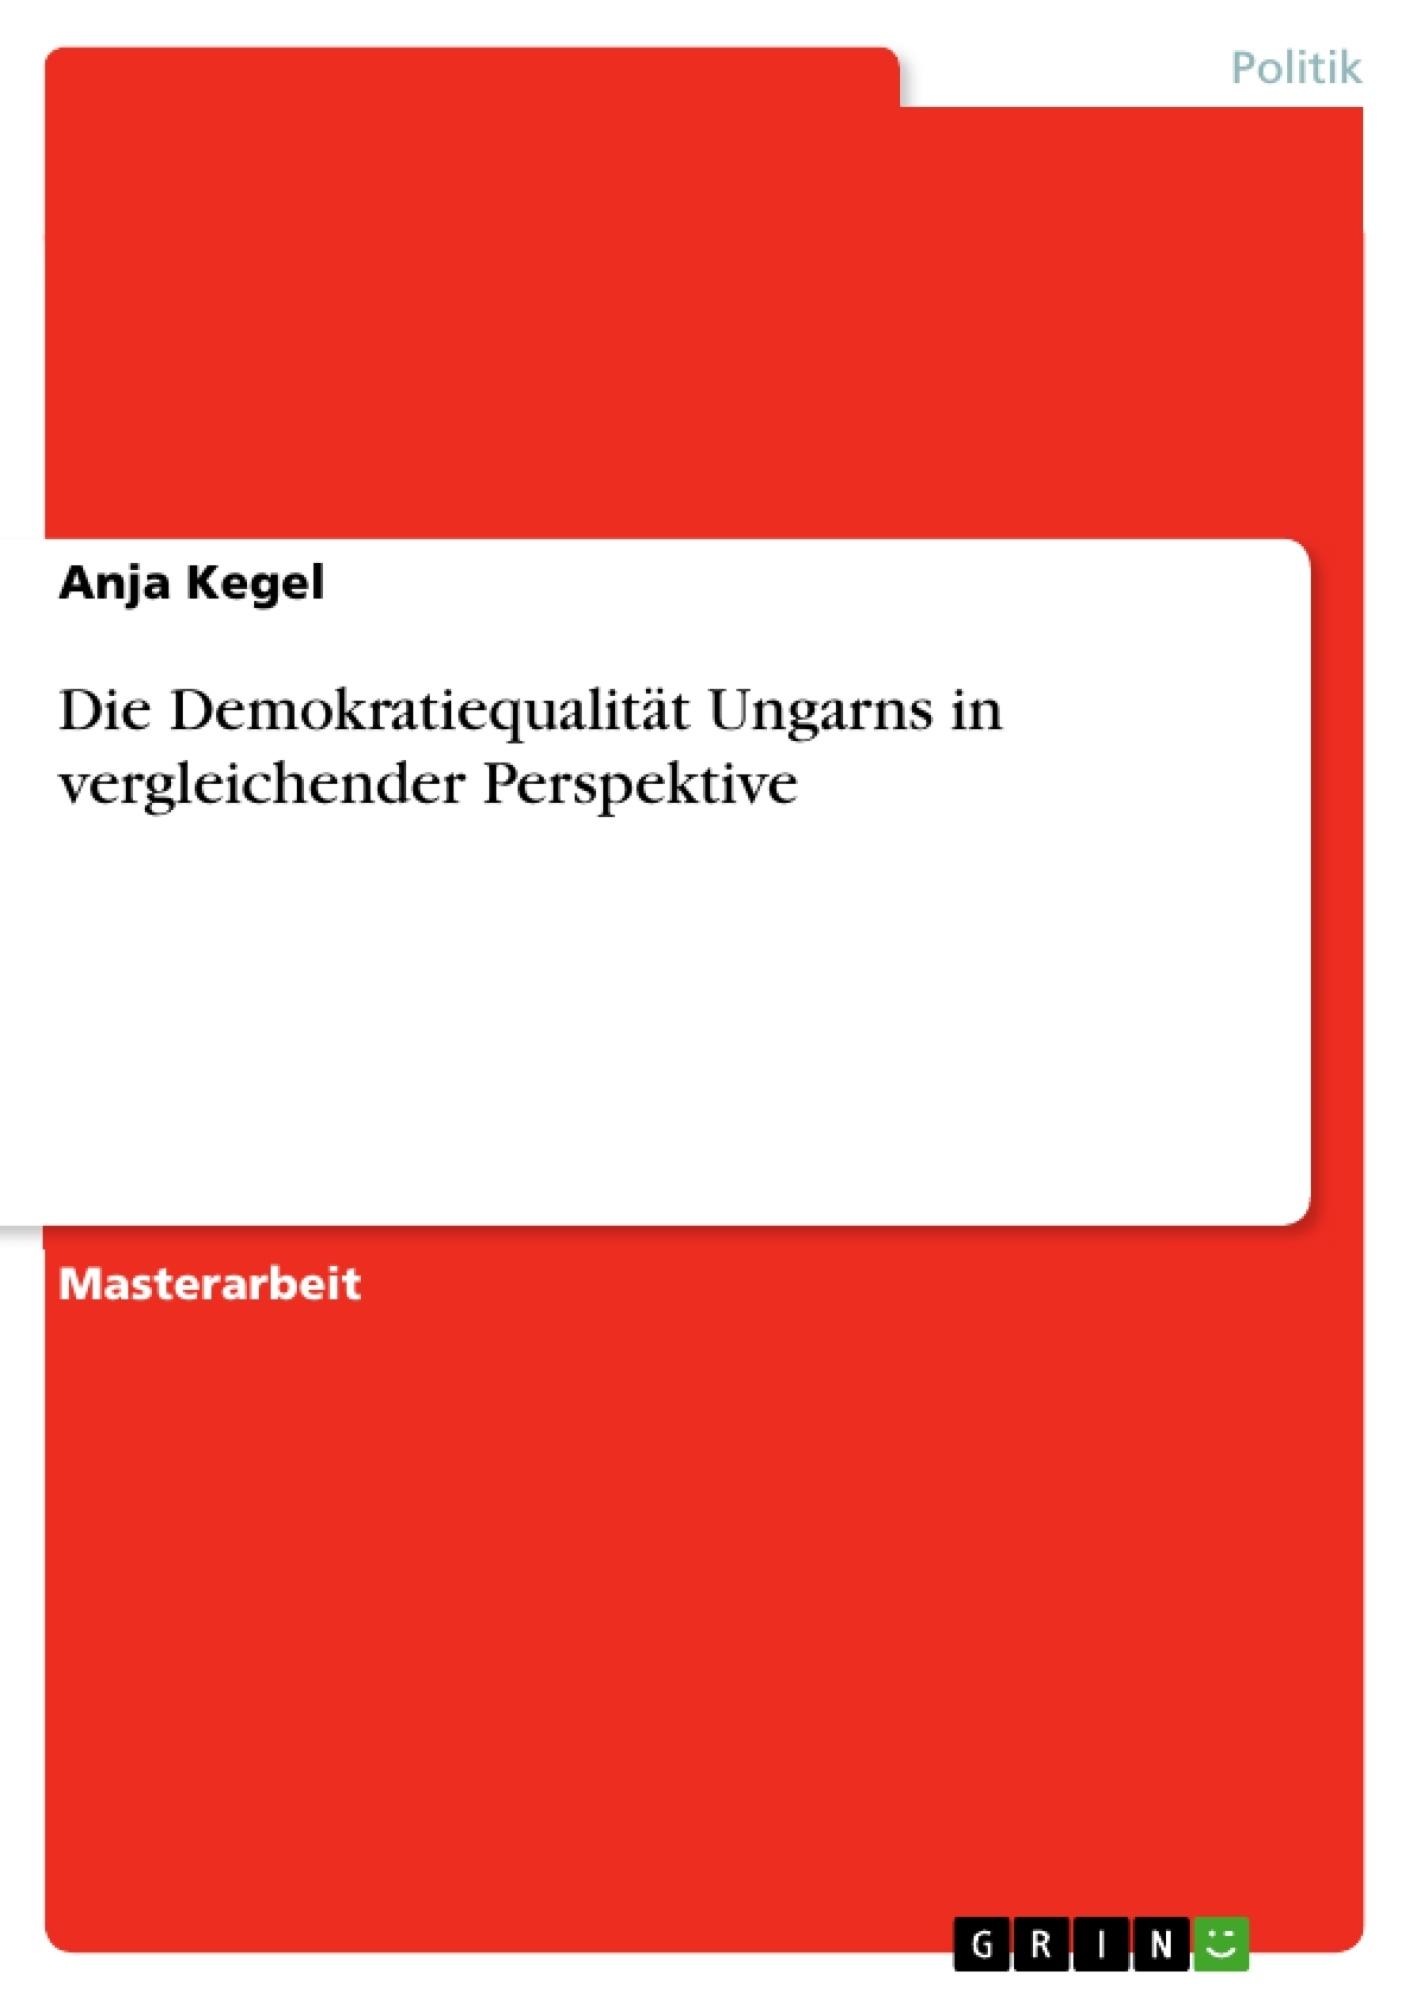 Titel: Die Demokratiequalität Ungarns in vergleichender Perspektive